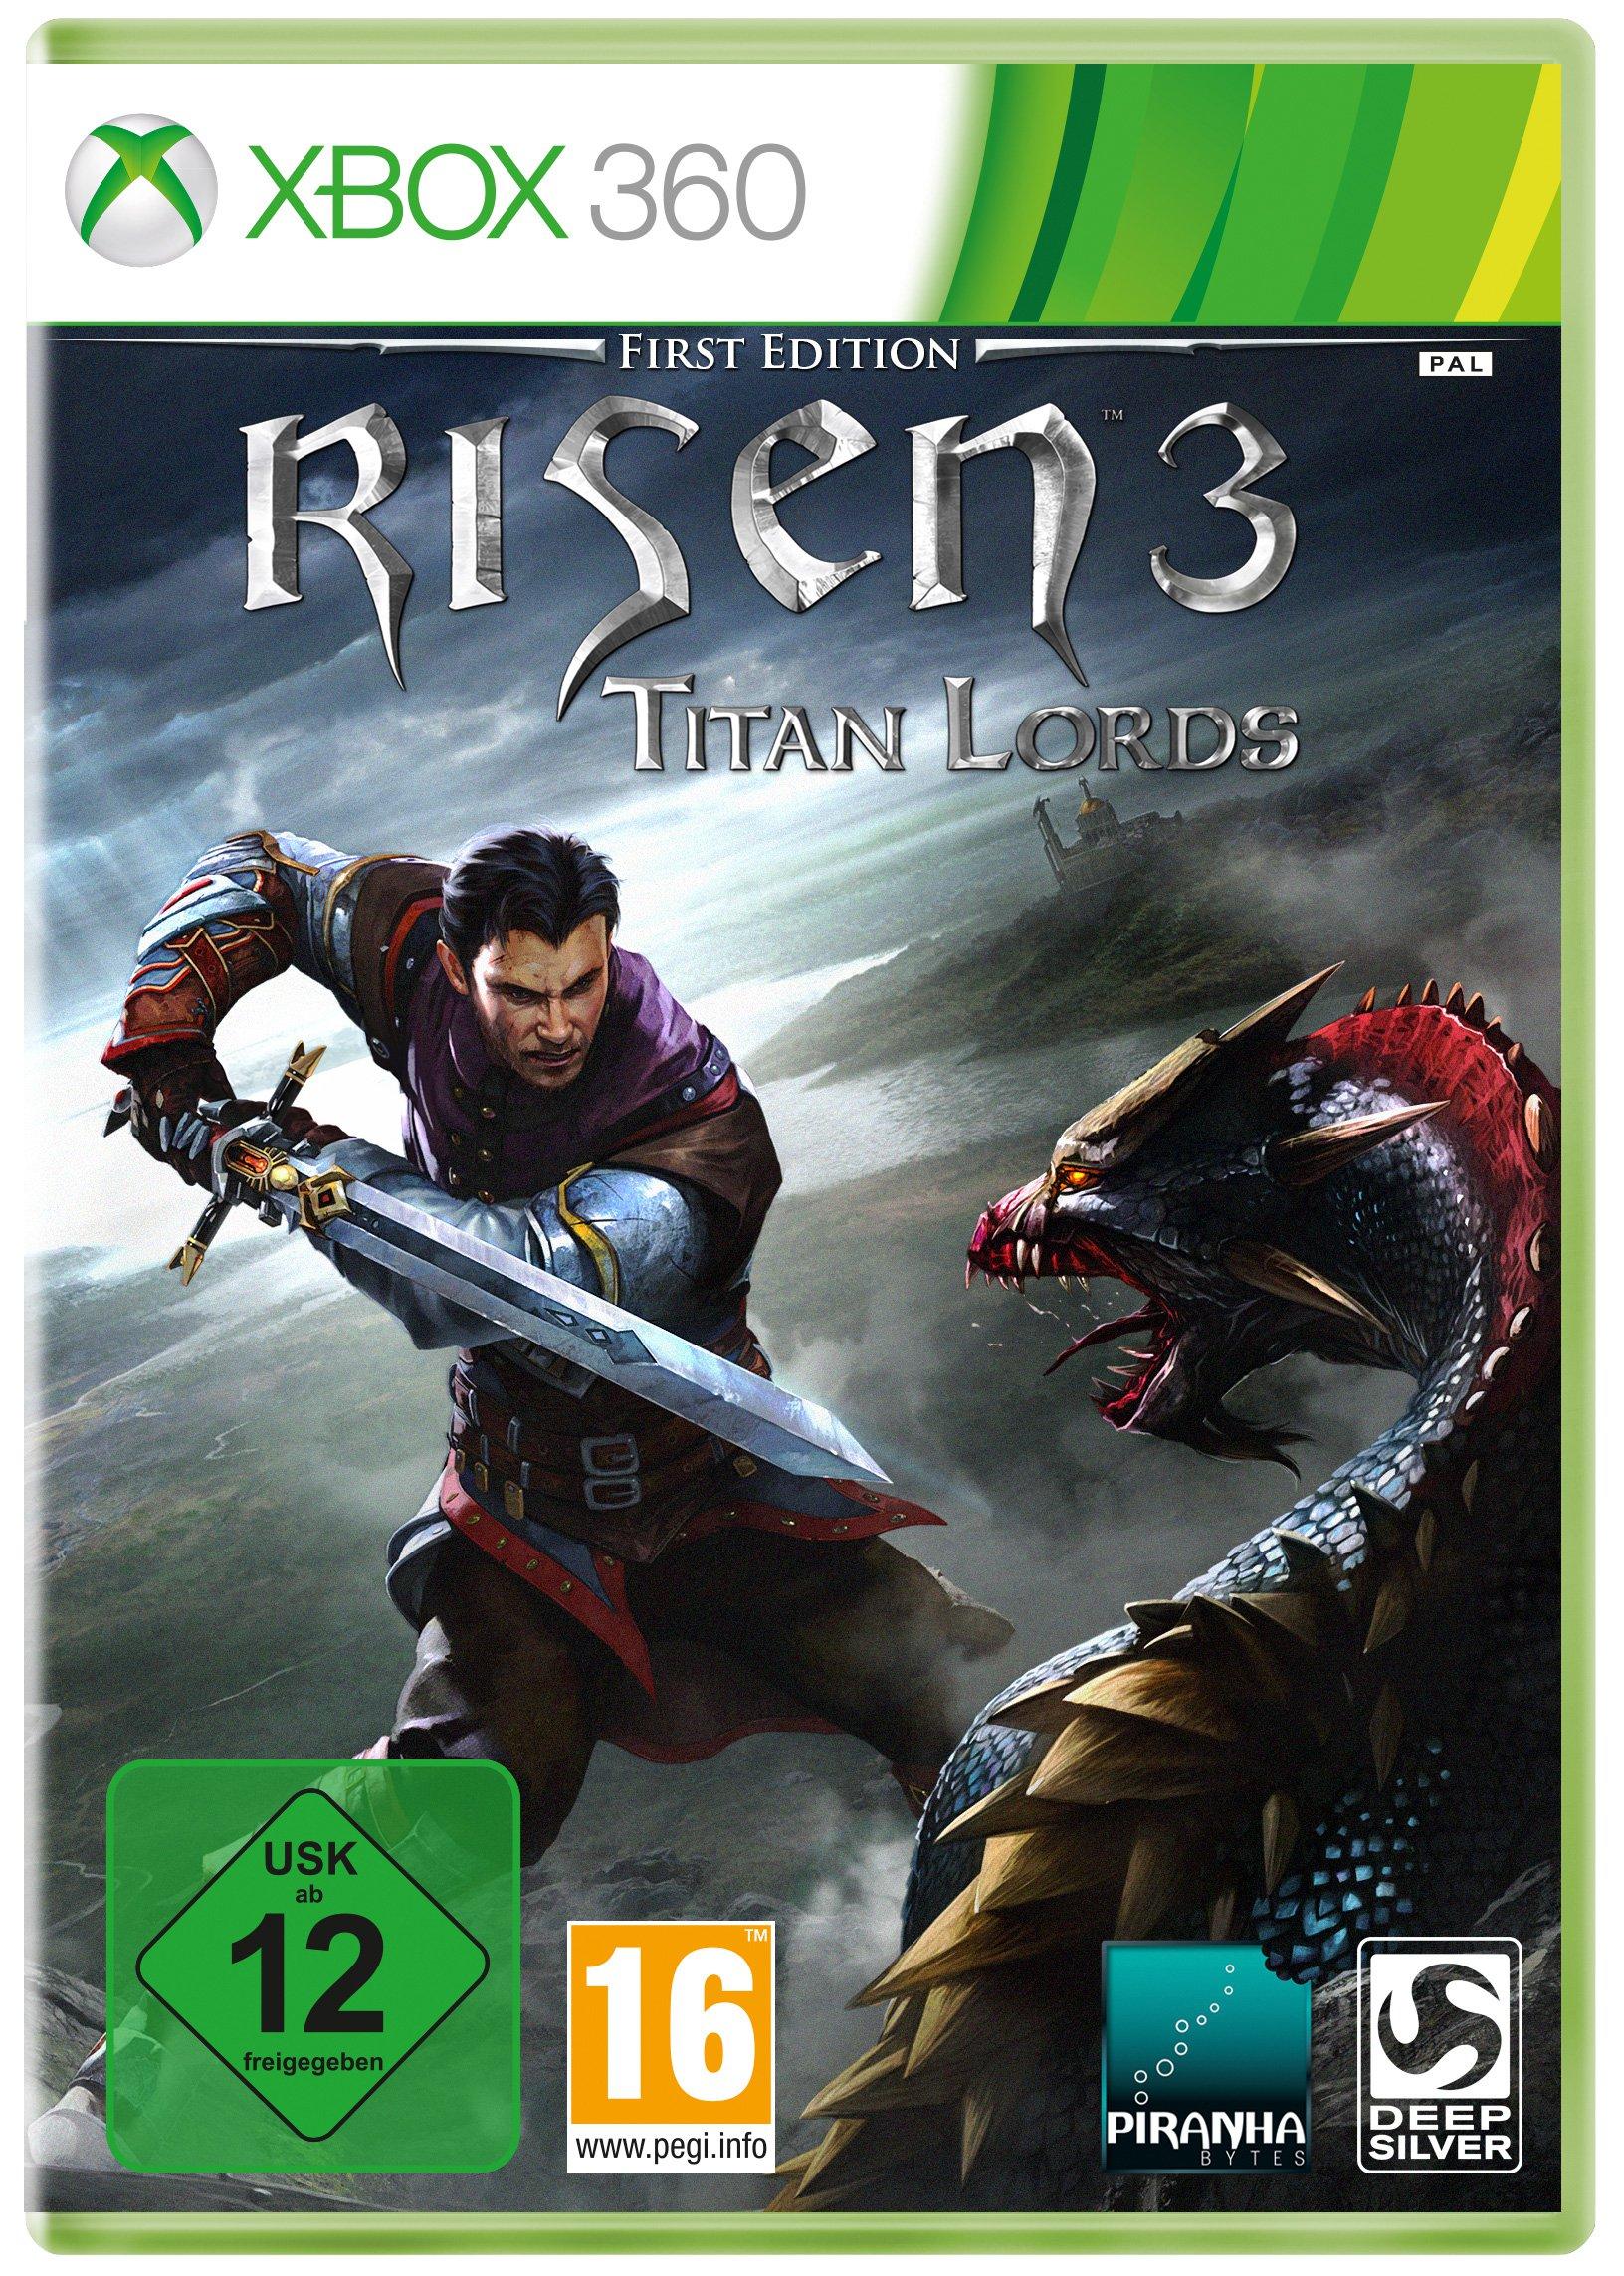 http://assets.vg247.com/current//2014/05/1399105608-risen-3-titan-lords-box-art-360.jpg